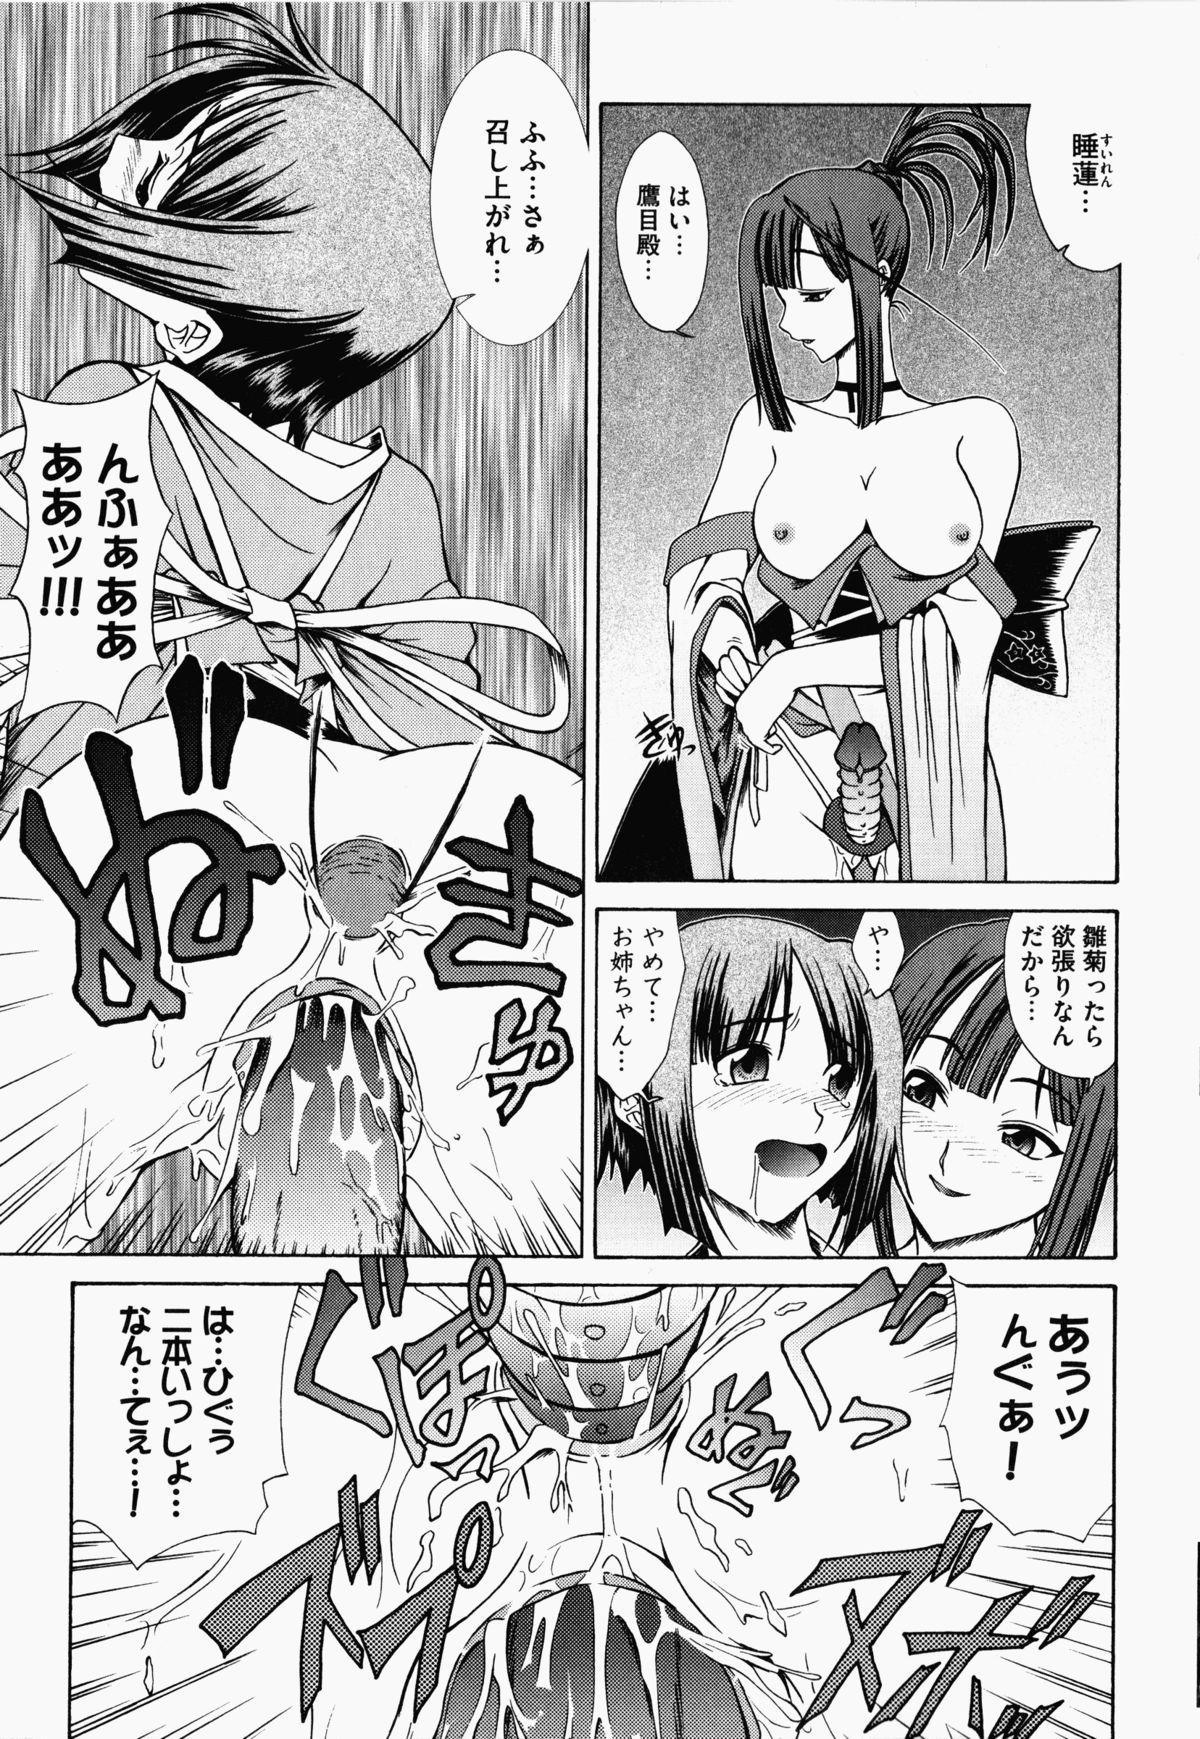 Nukenin - Hokaku, Soshite Choukyou e... 83